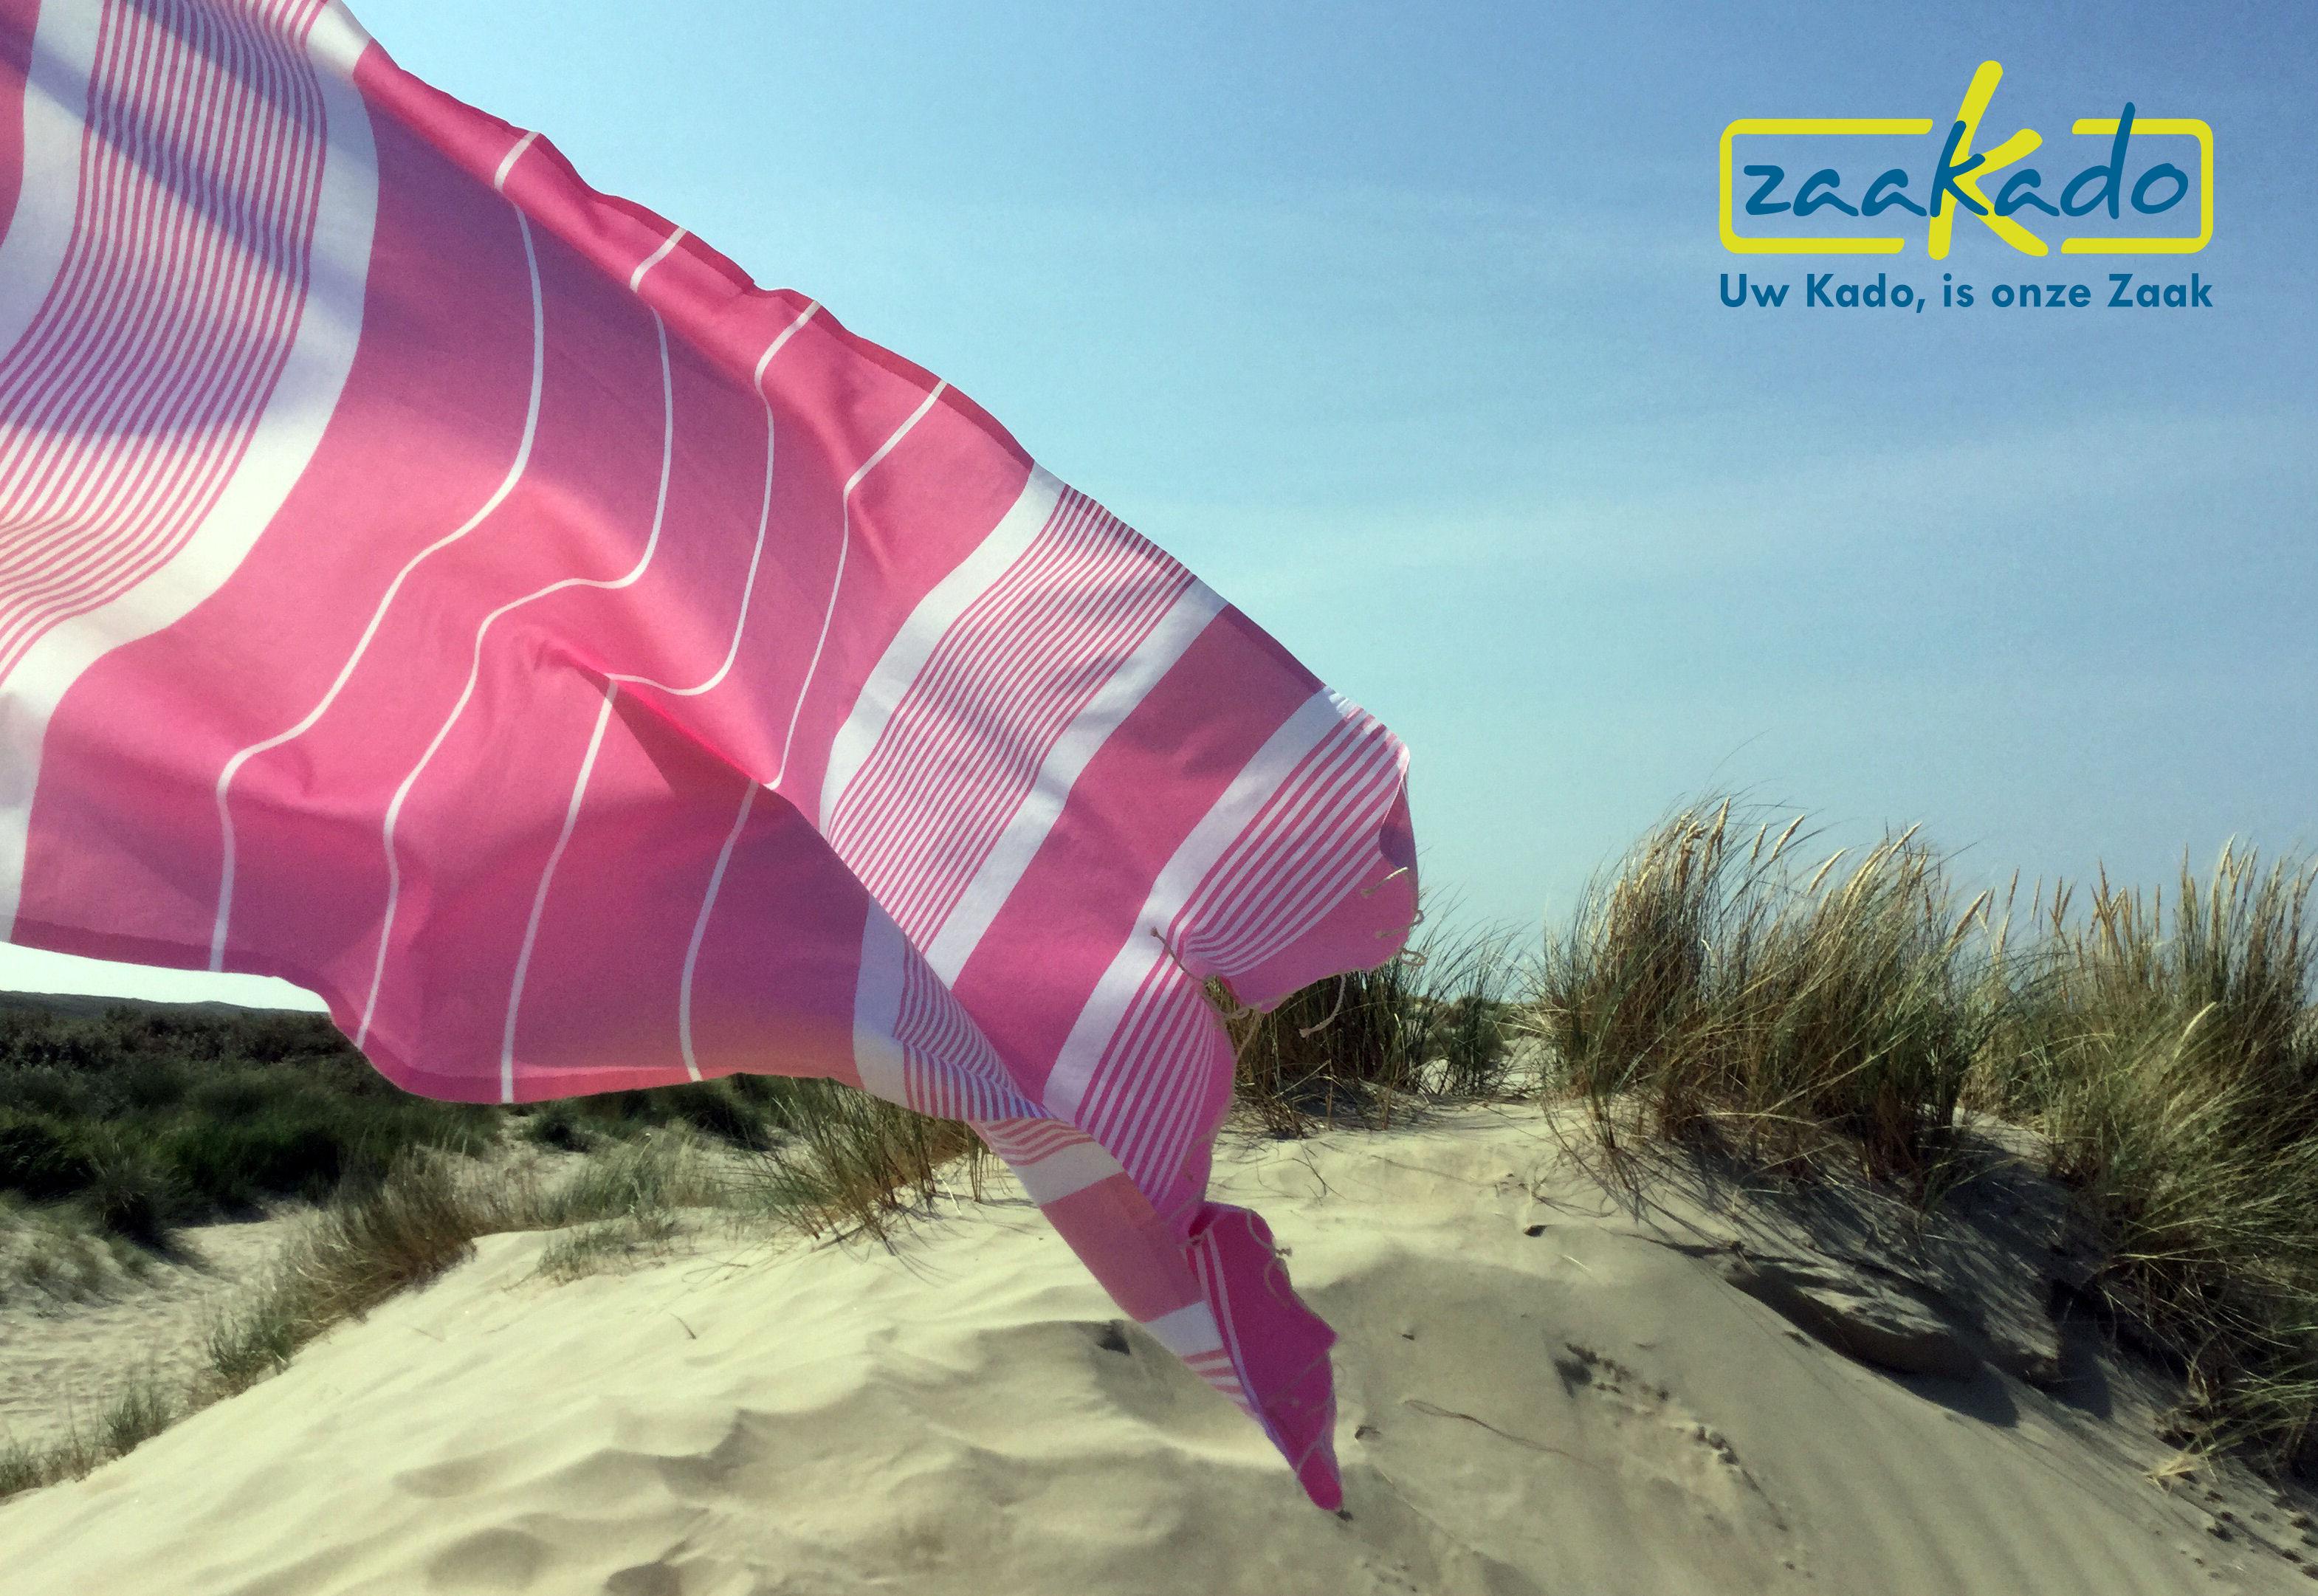 Hamam handdoek badlaken met logo ingewezen hippe zomer relatiegeschenken Zaakado Rotterdam hammam